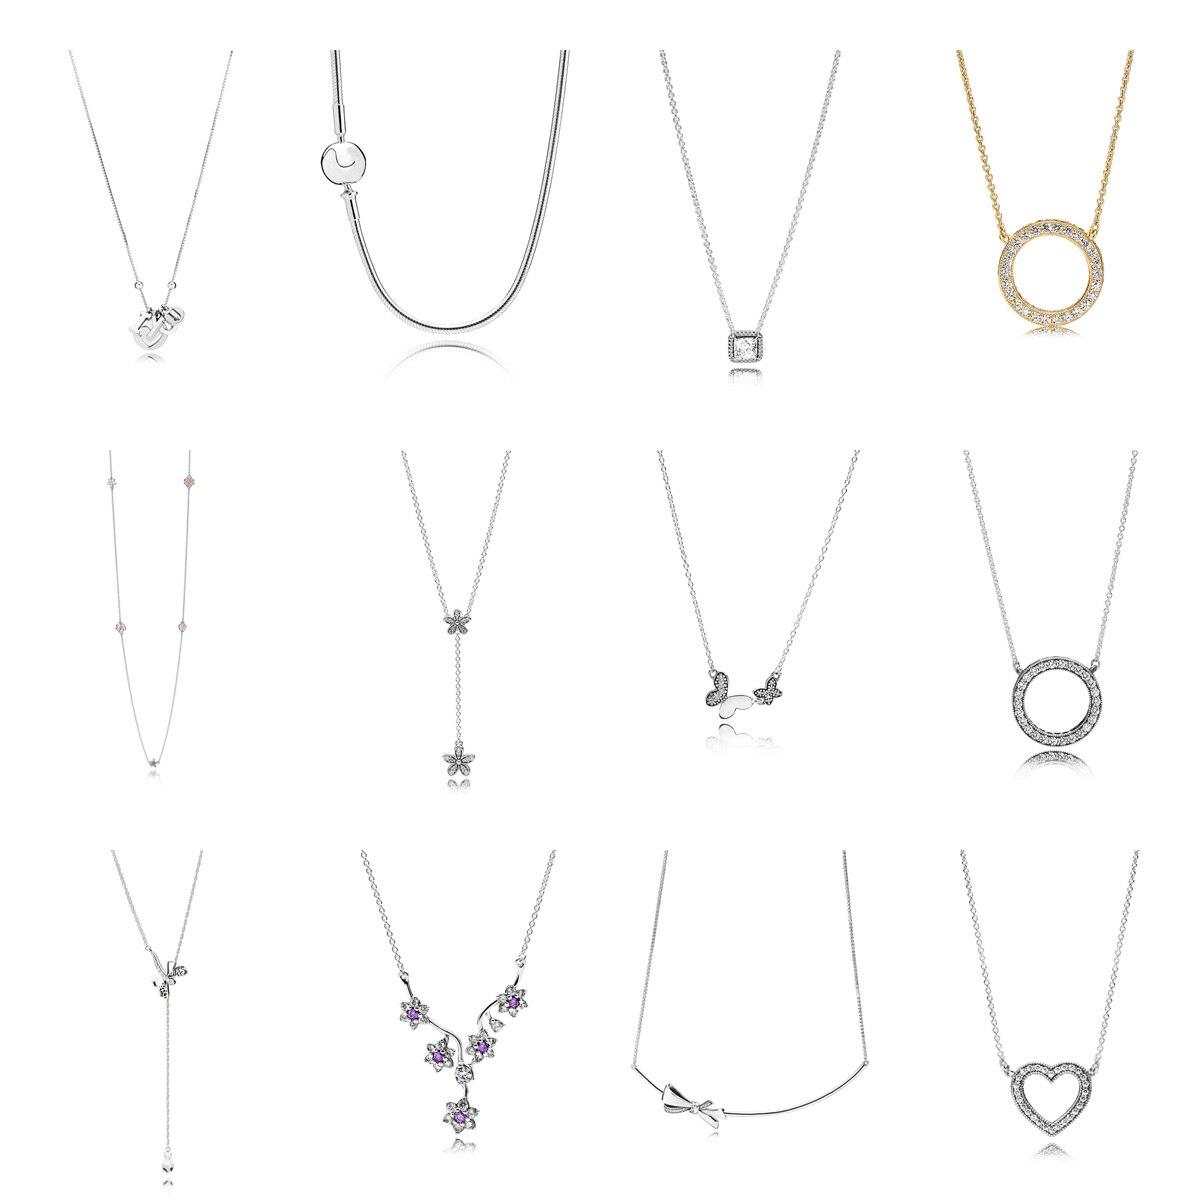 12 estilo 45 cm autêntico 925 prata esterlina colares flor coração pingente colar pulseiras para festa de casamento feminino jóias